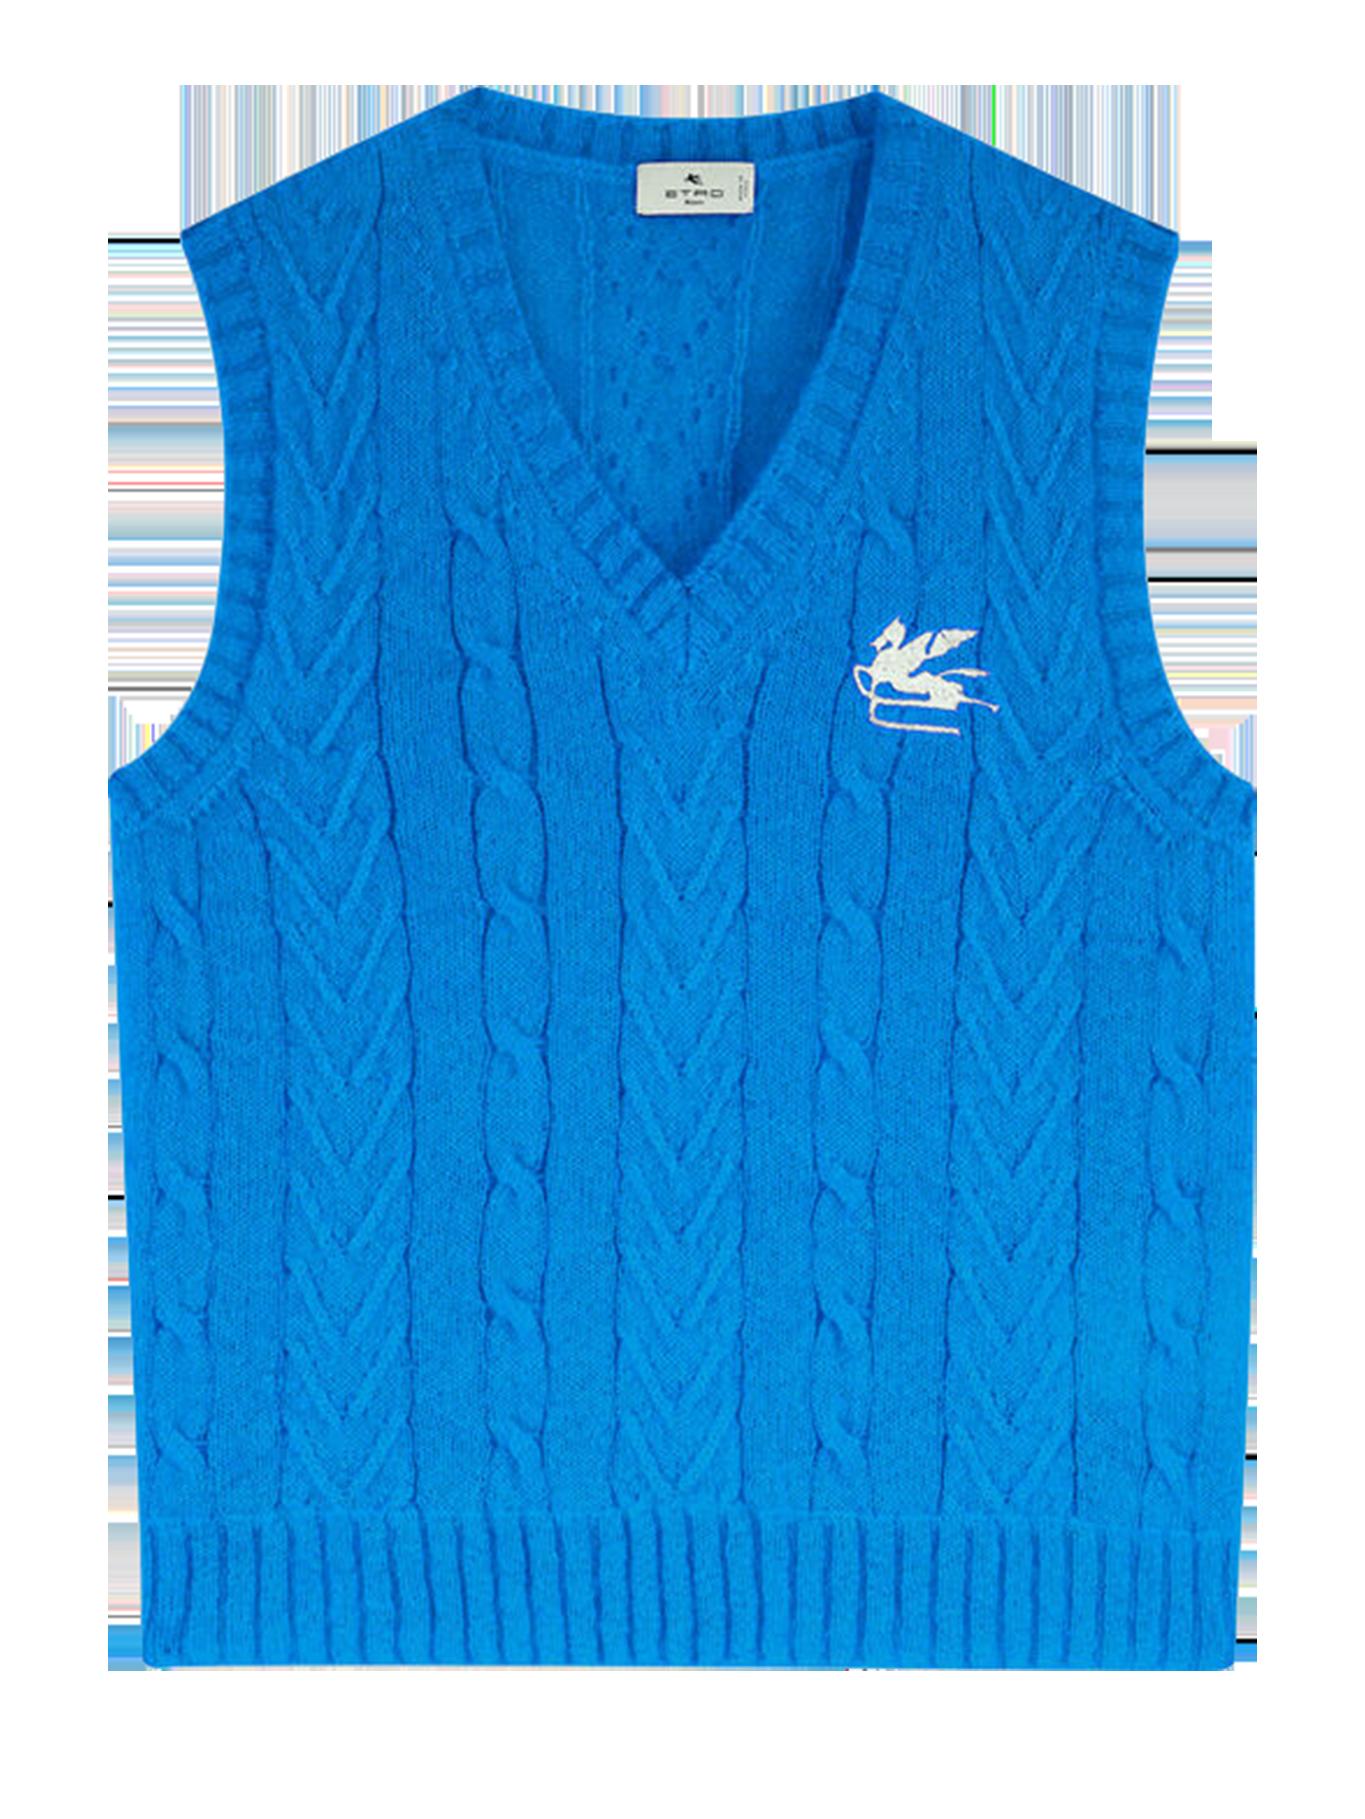 Menswear Essentials: Trend-Teile für den Frühling - Knit Vests